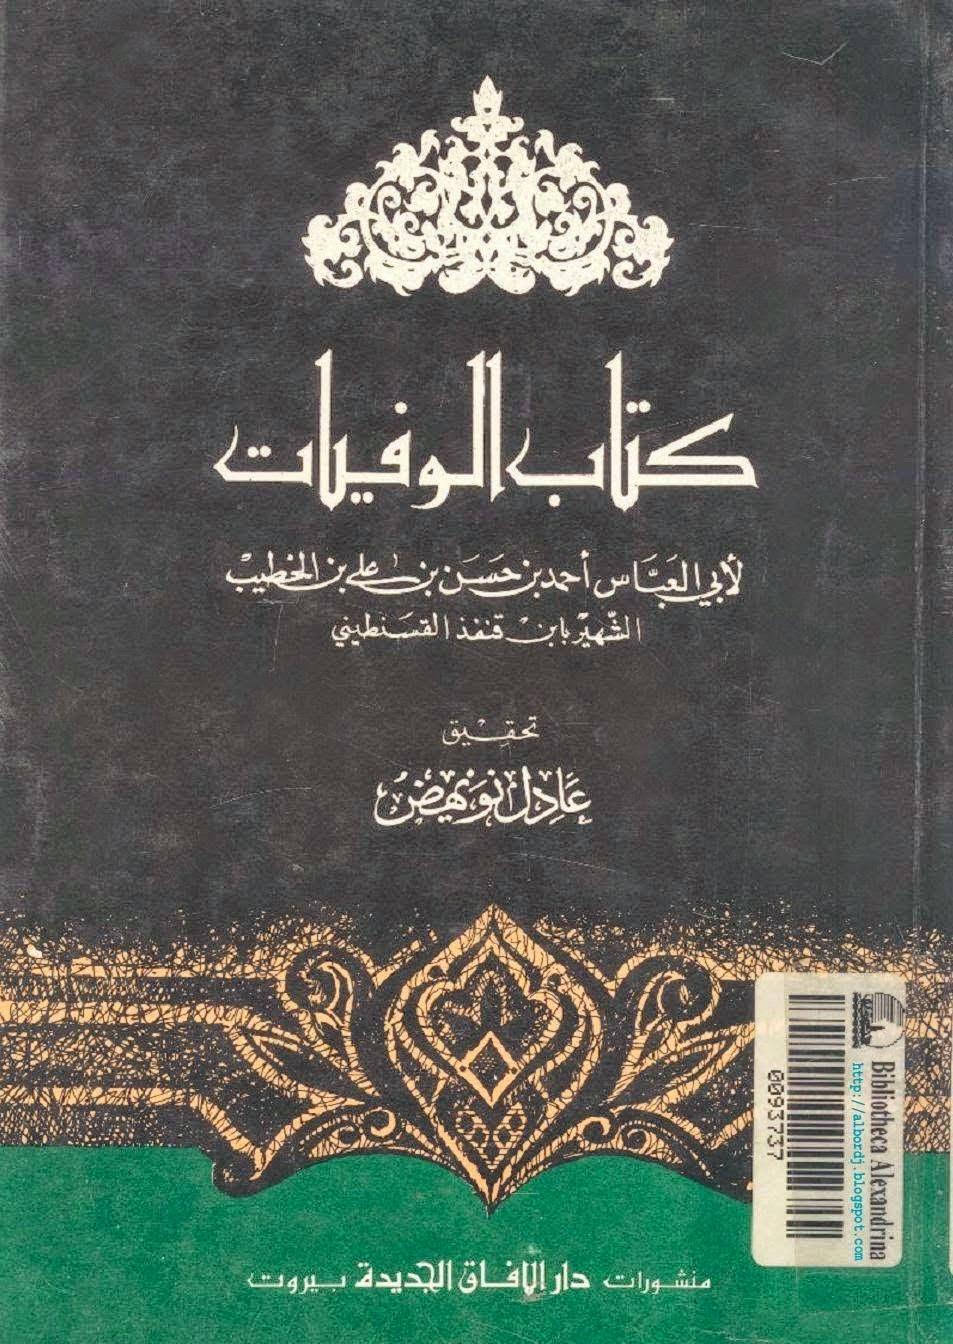 كتاب الوفيات لابن قنفذ القسيطيني